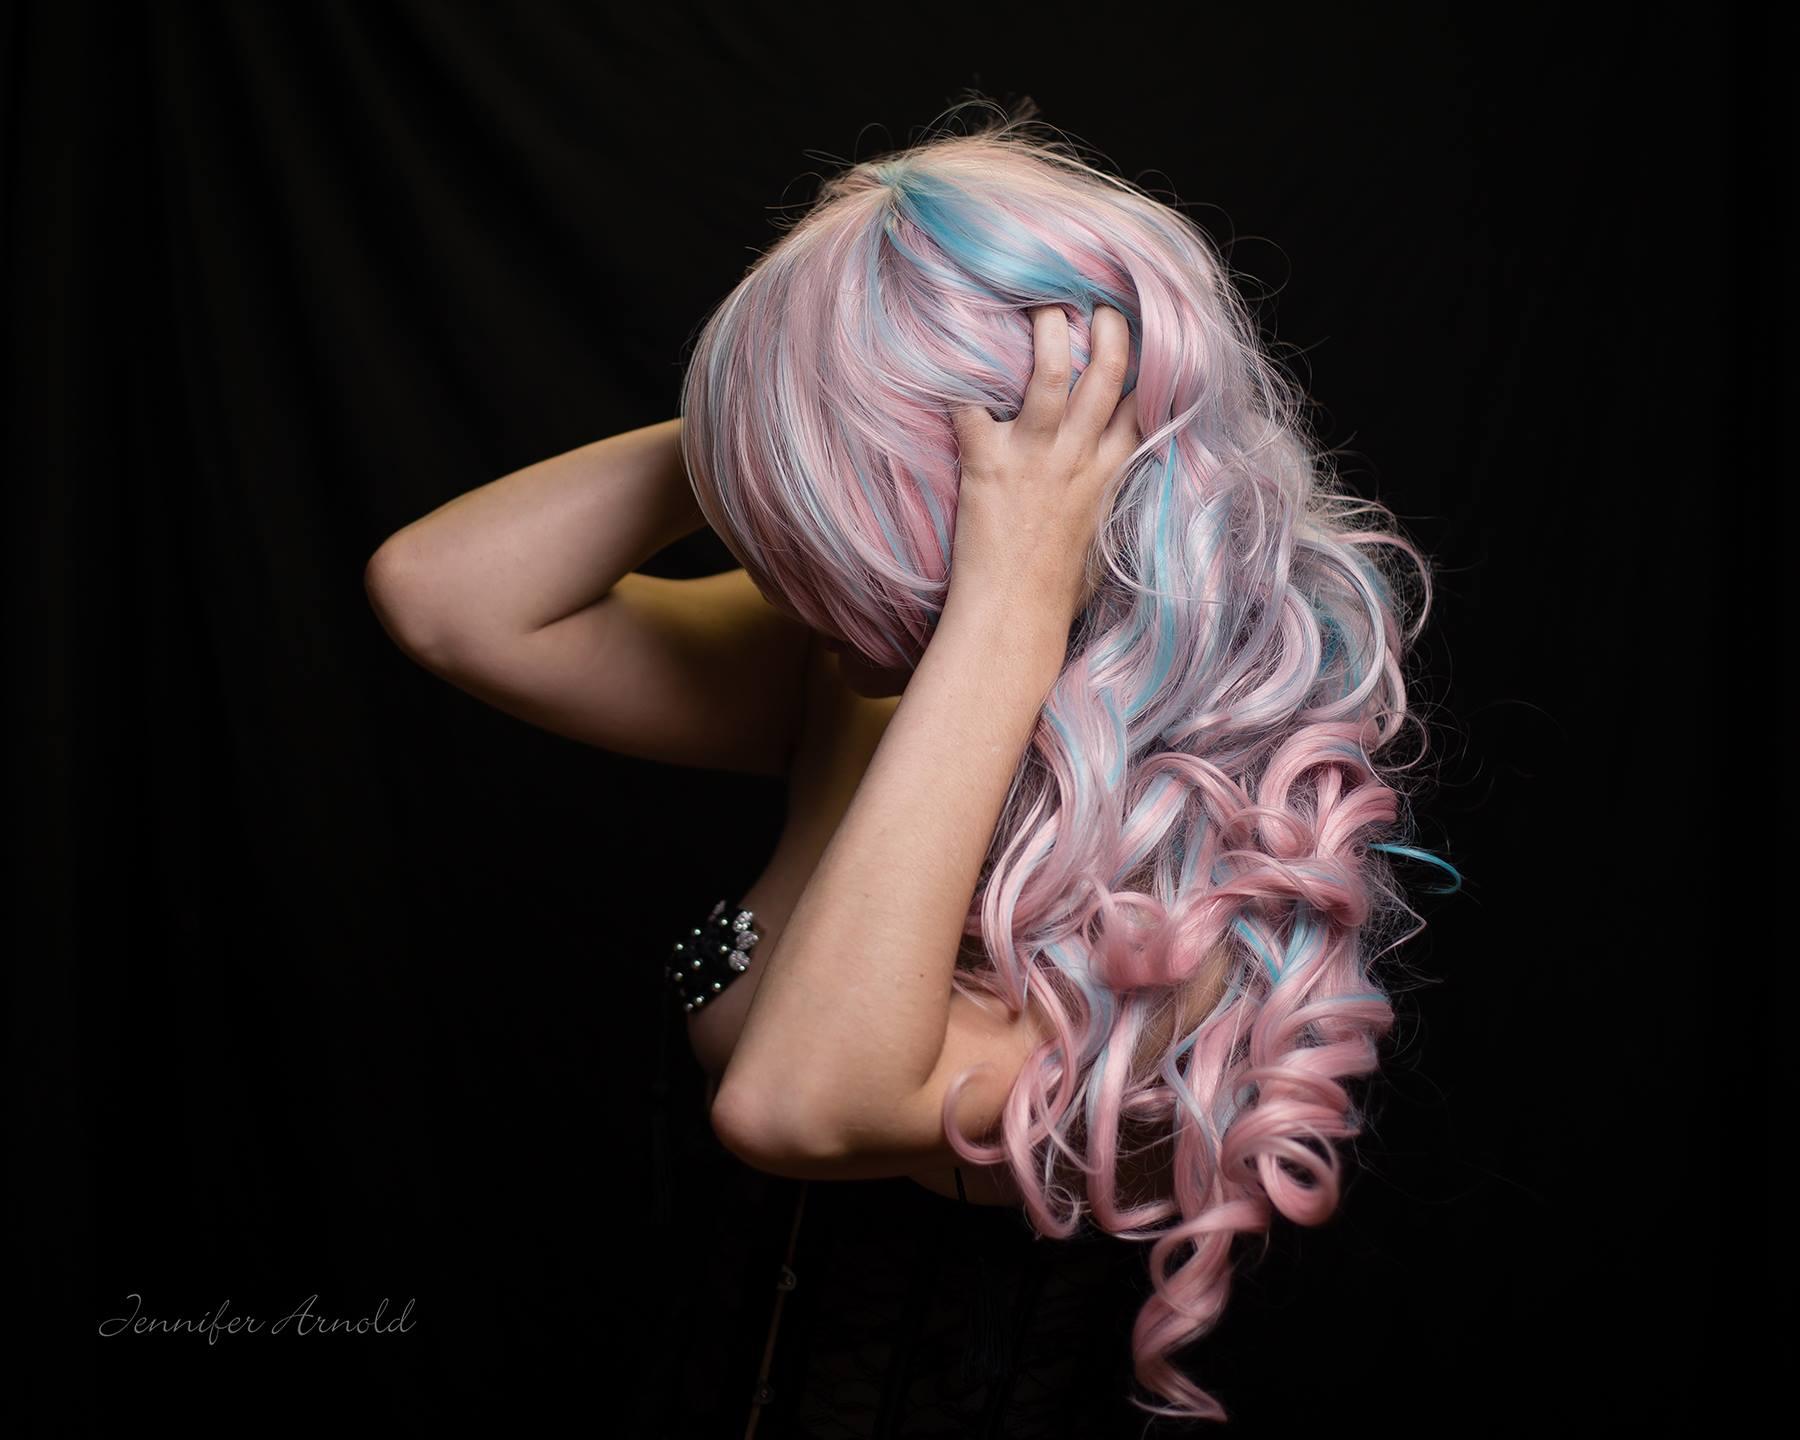 Jennifer Arnold Photography